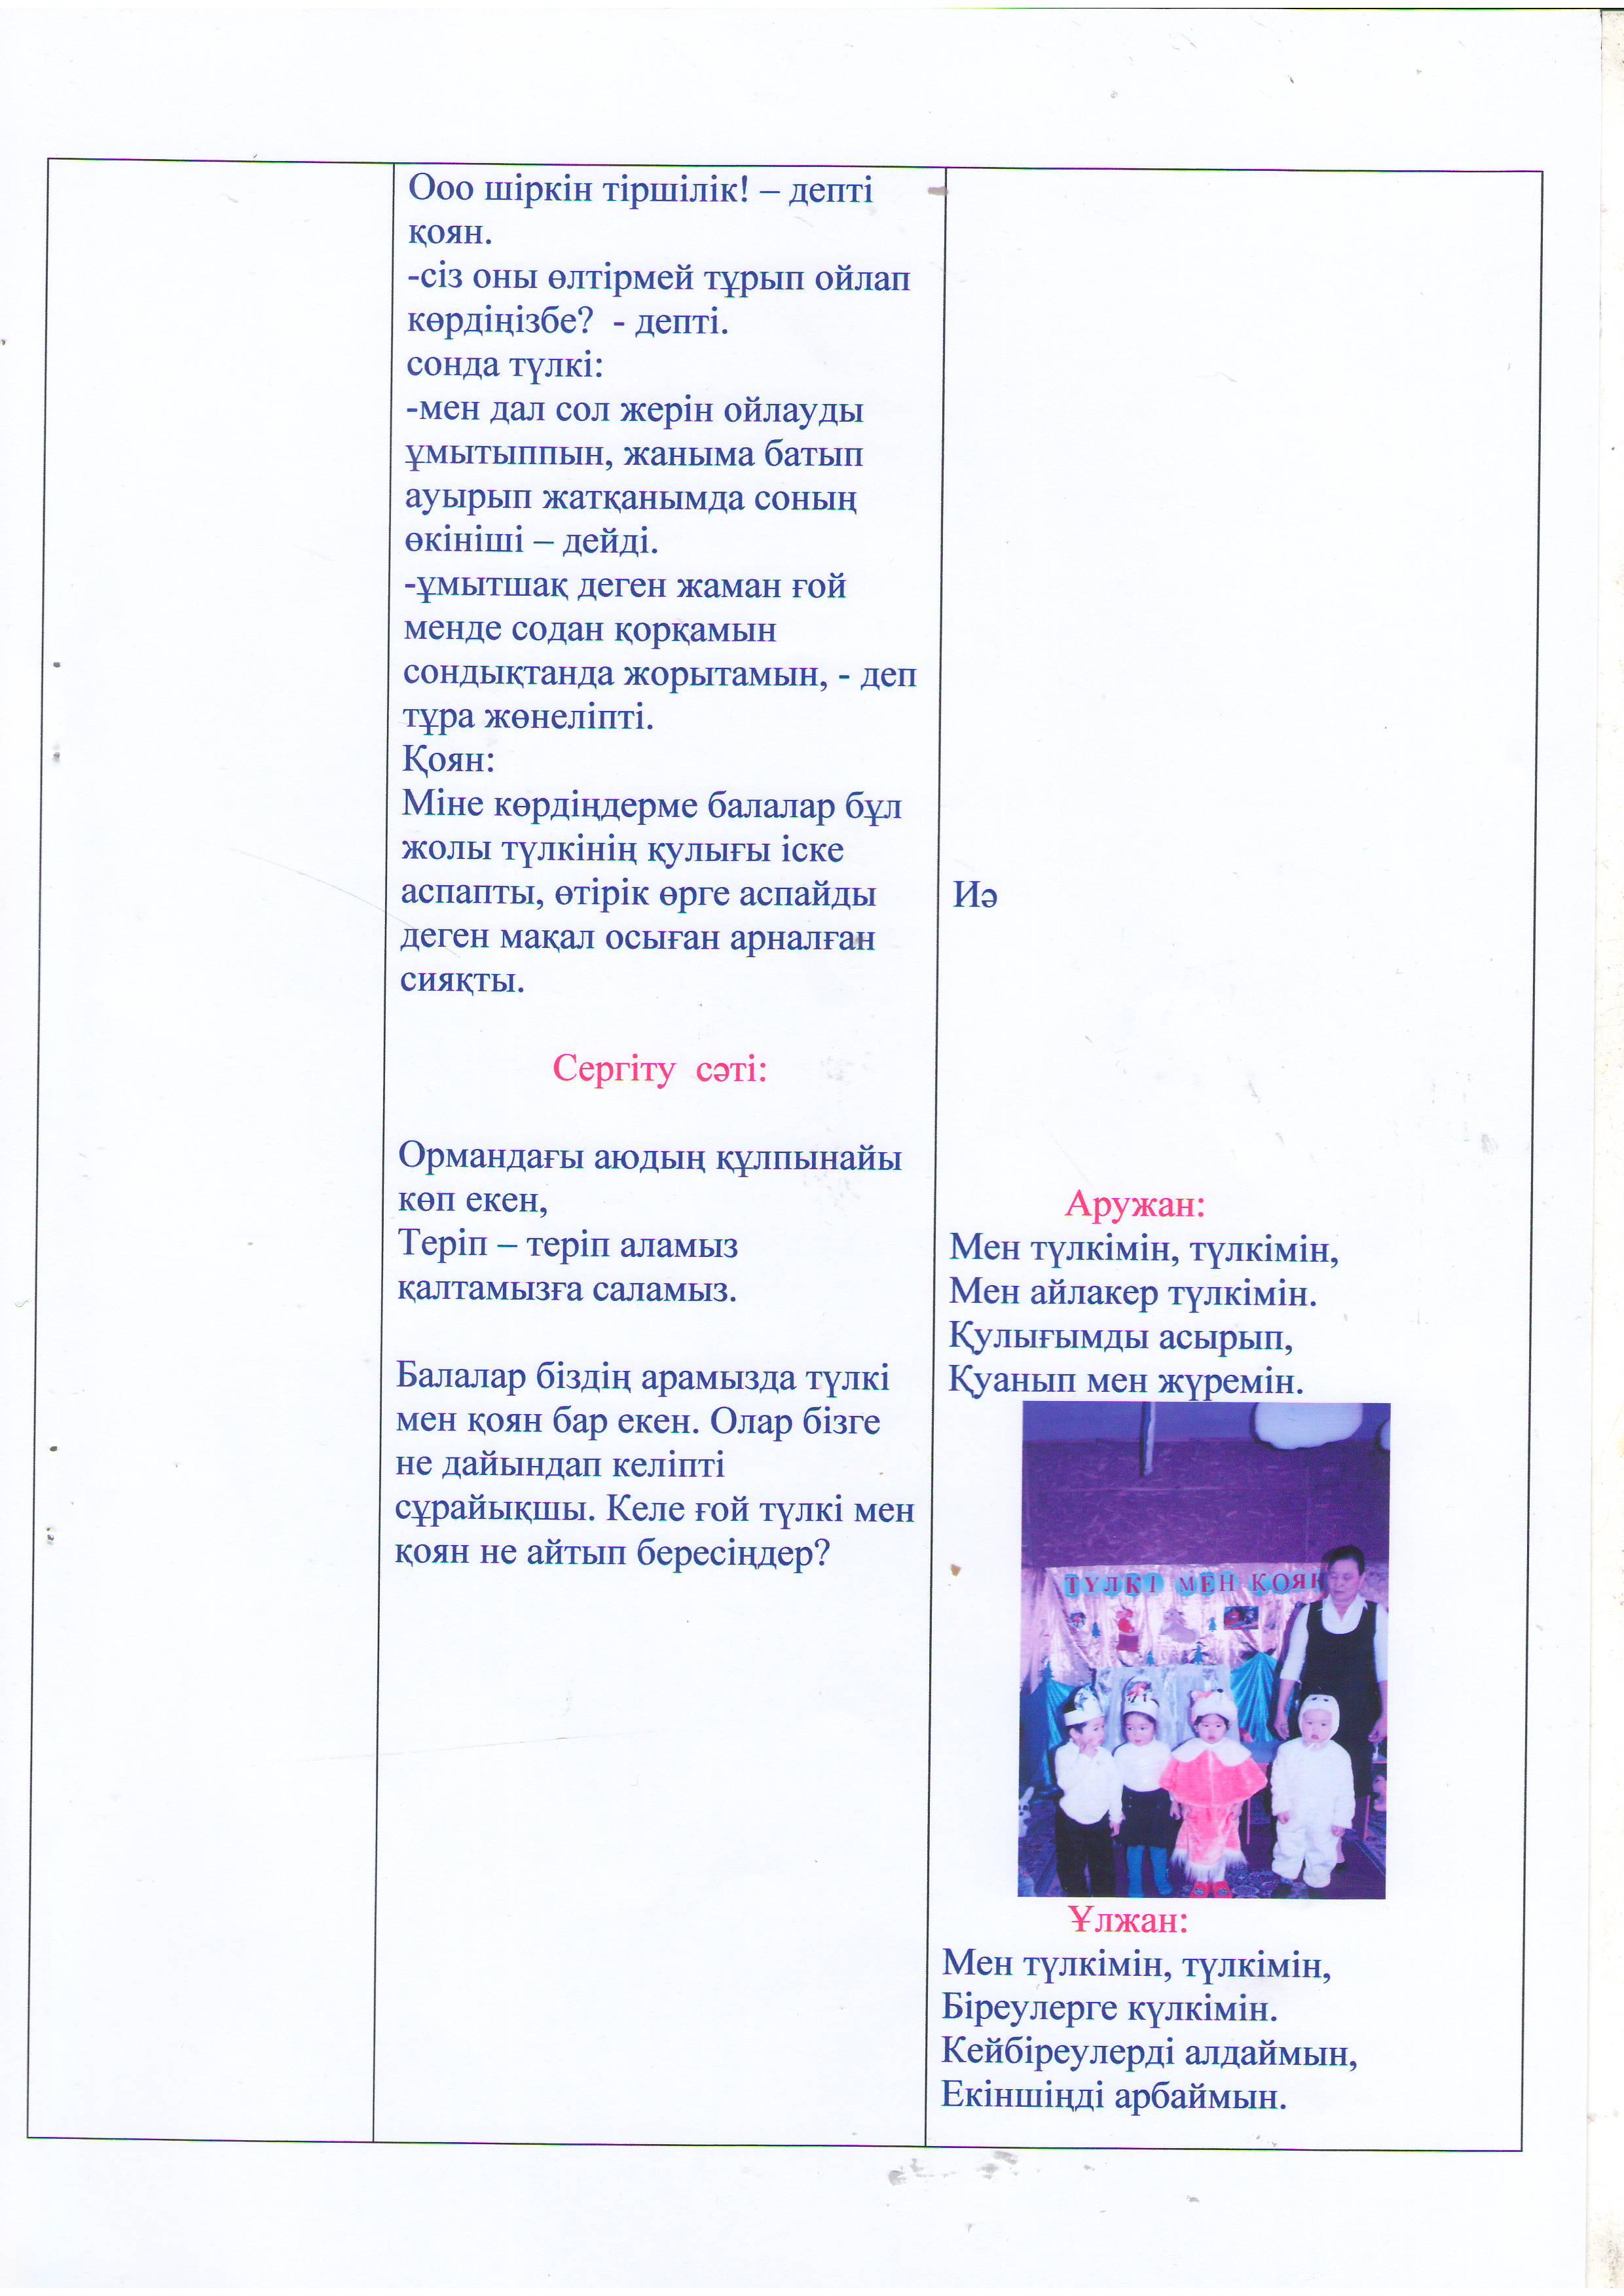 C:\Users\Ernur\Music\Desktop\2002-05-29\Сканировать10003.JPG